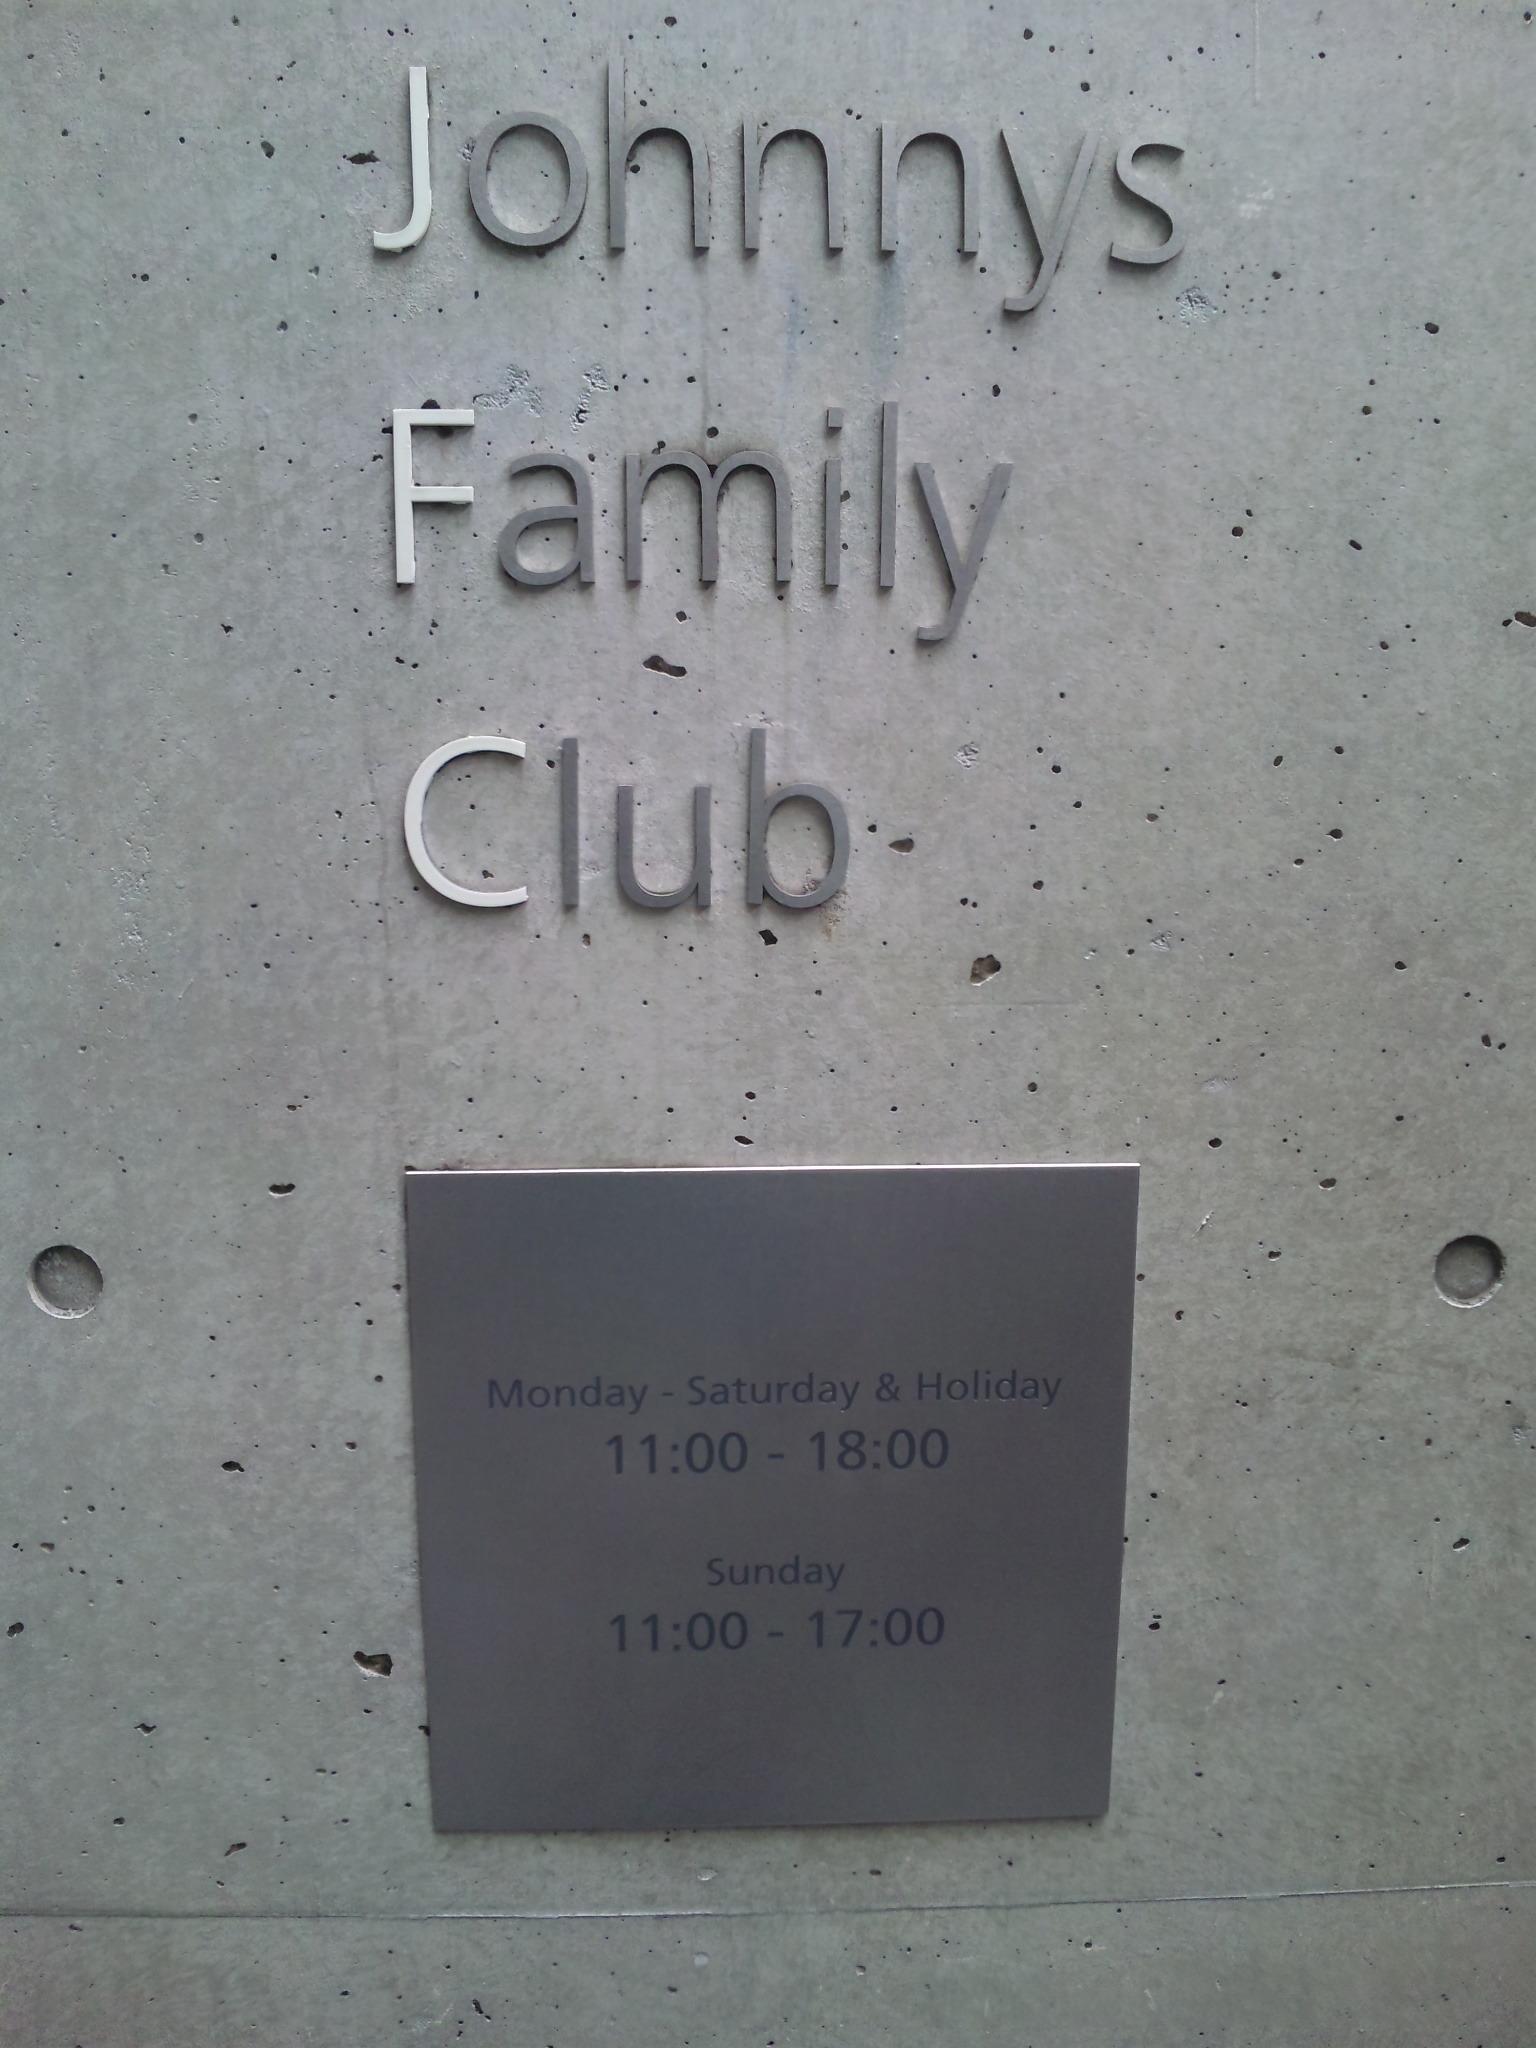 【タッキー&翼】今井翼、ジャニーズ事務所を既に退所していた。ファミリークラブ関係者が情報漏洩か?